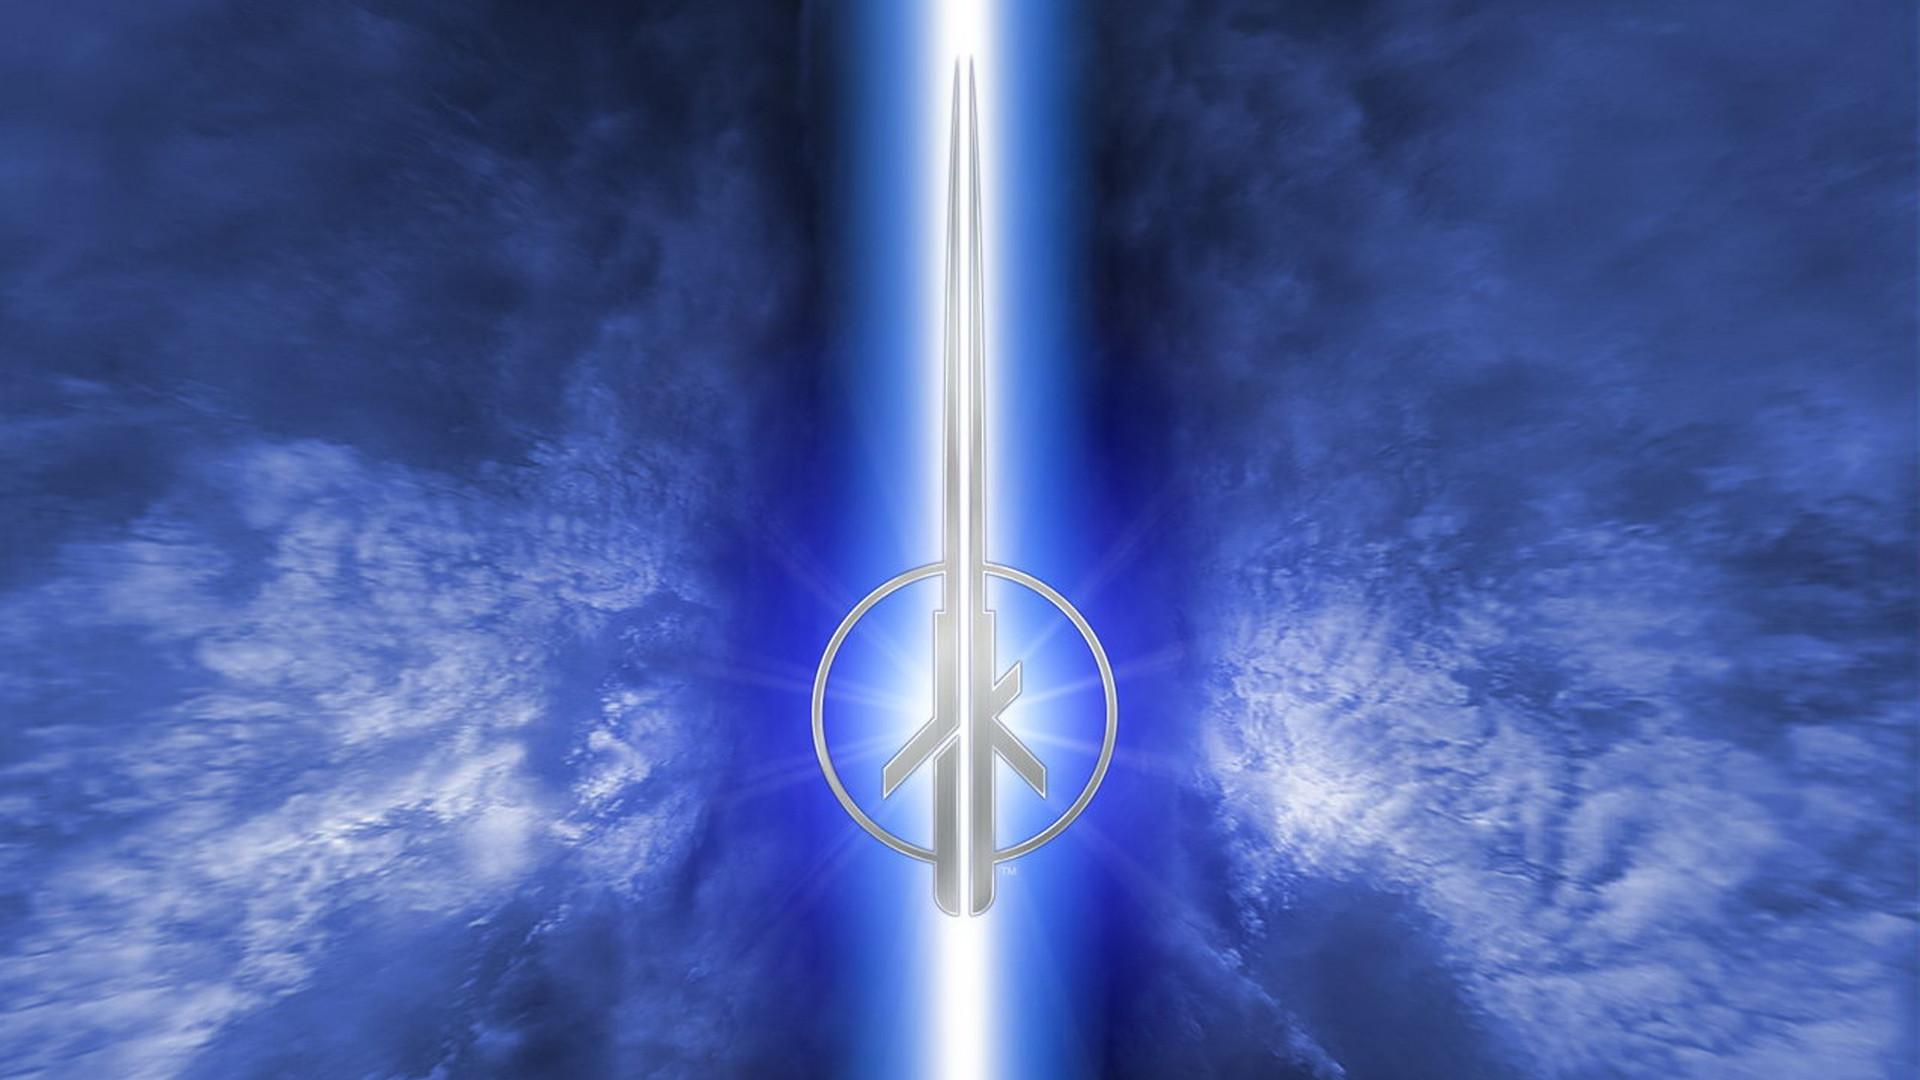 Star Wars: Jedi Knight II Outcast